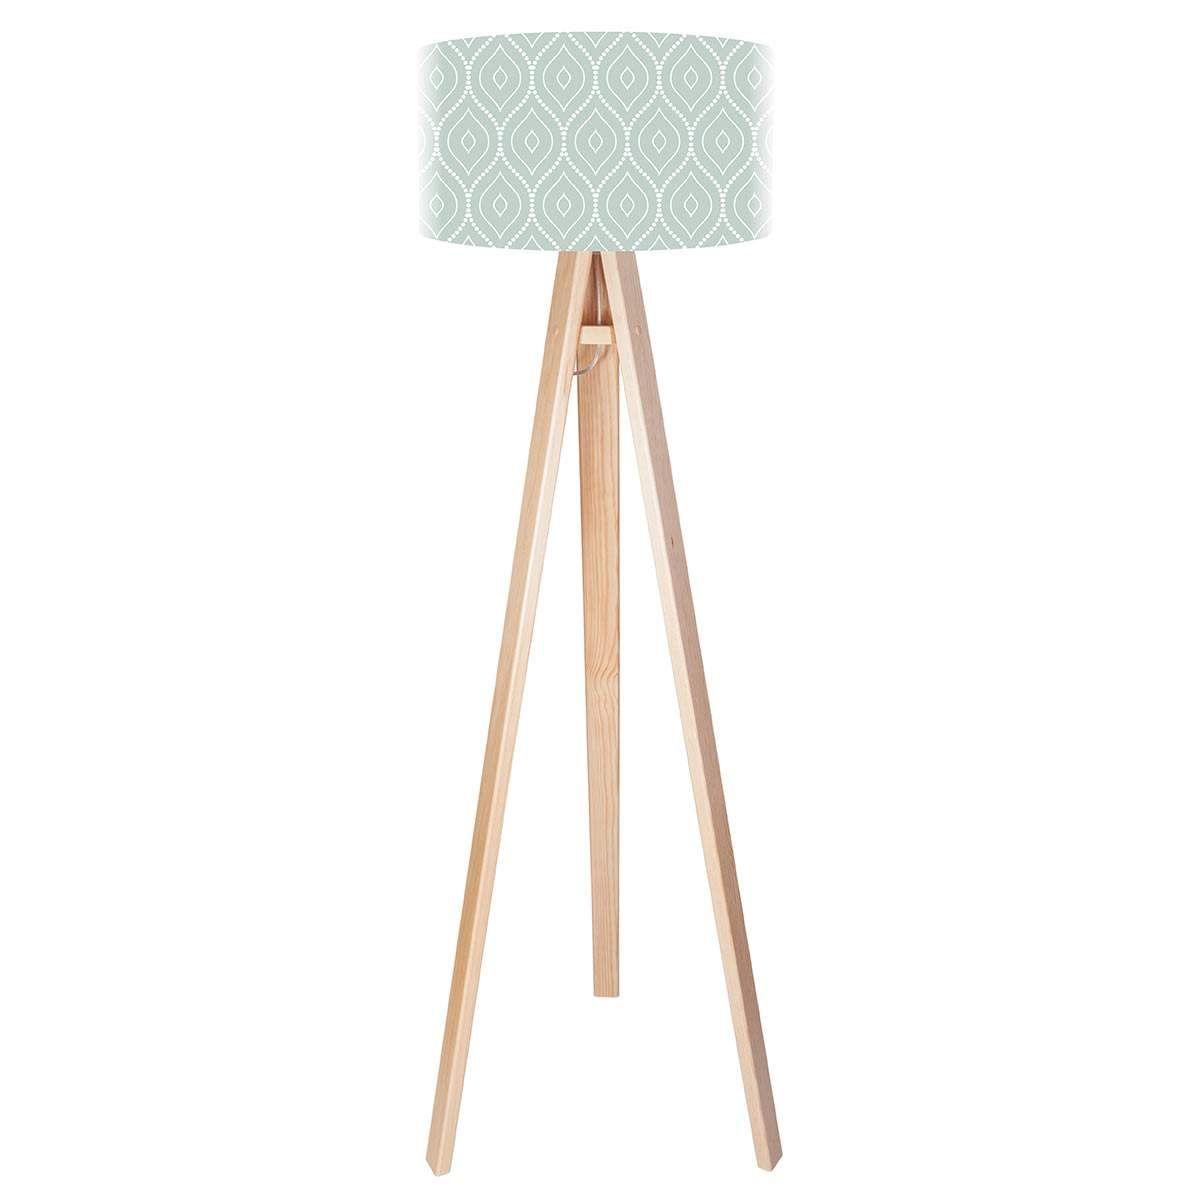 Dreibeinige Stehleuchte Rena Mit Bedrucktem Schirm Led Stehlampe